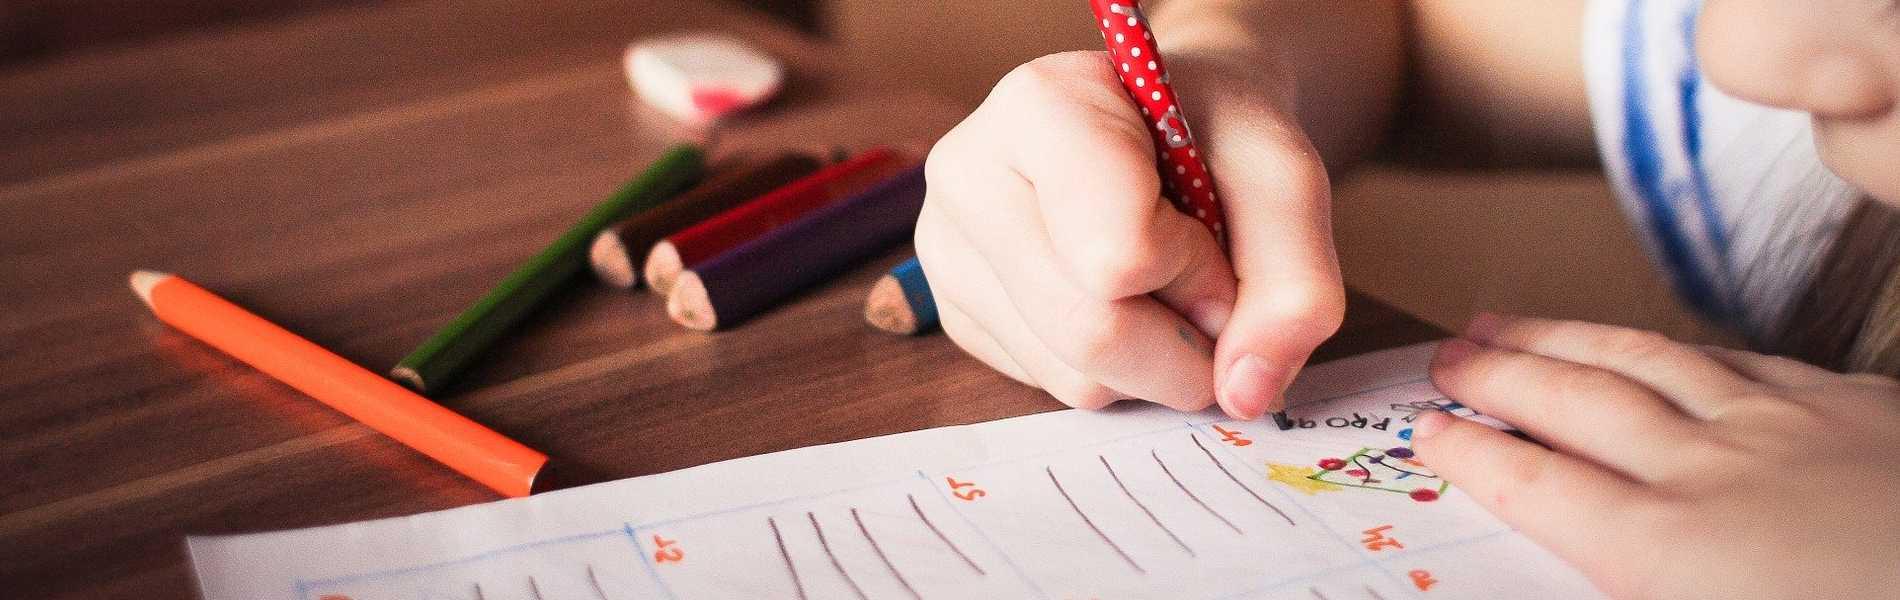 Cómo adaptar la formación e-learning para niños y adolescentes